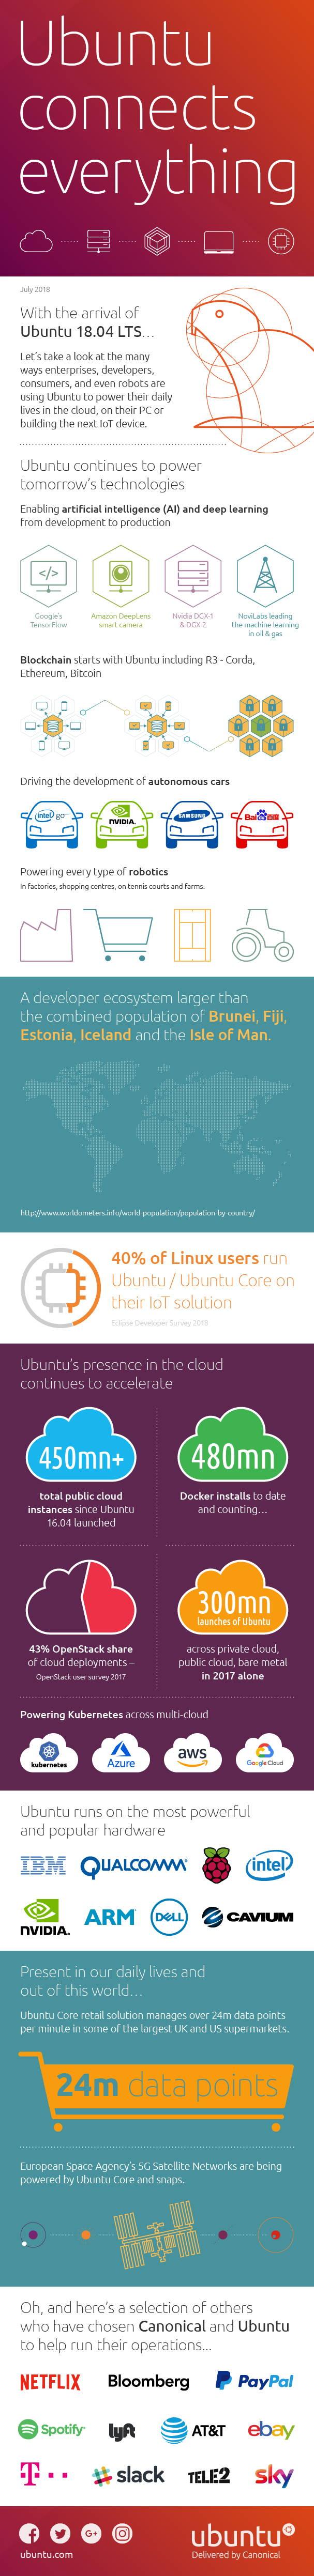 Infografía de Canonical sobre sus éxitos con Ubunut